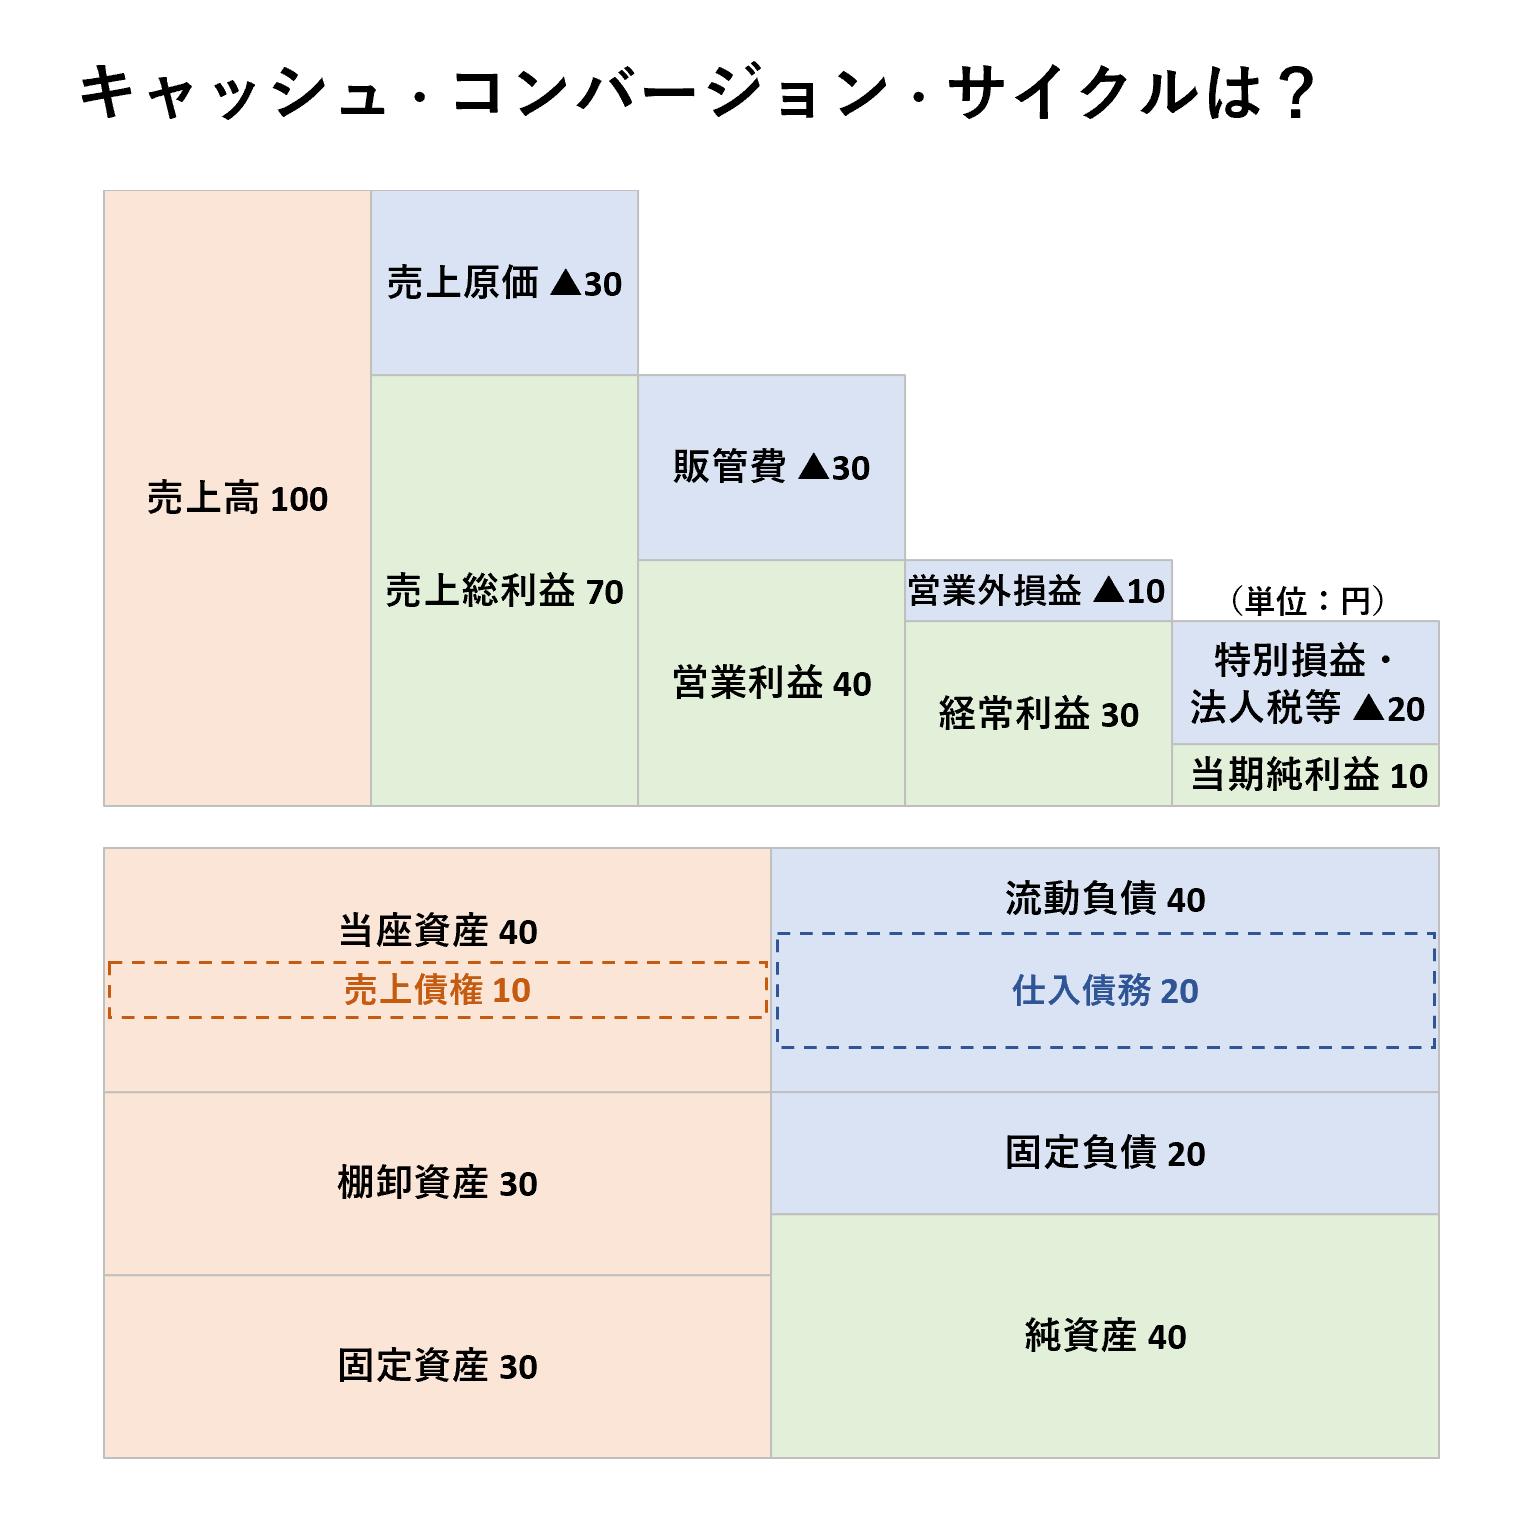 収益性分析(ビジネス会計検定2級):キャッシュコンバージョンサイクルー問題